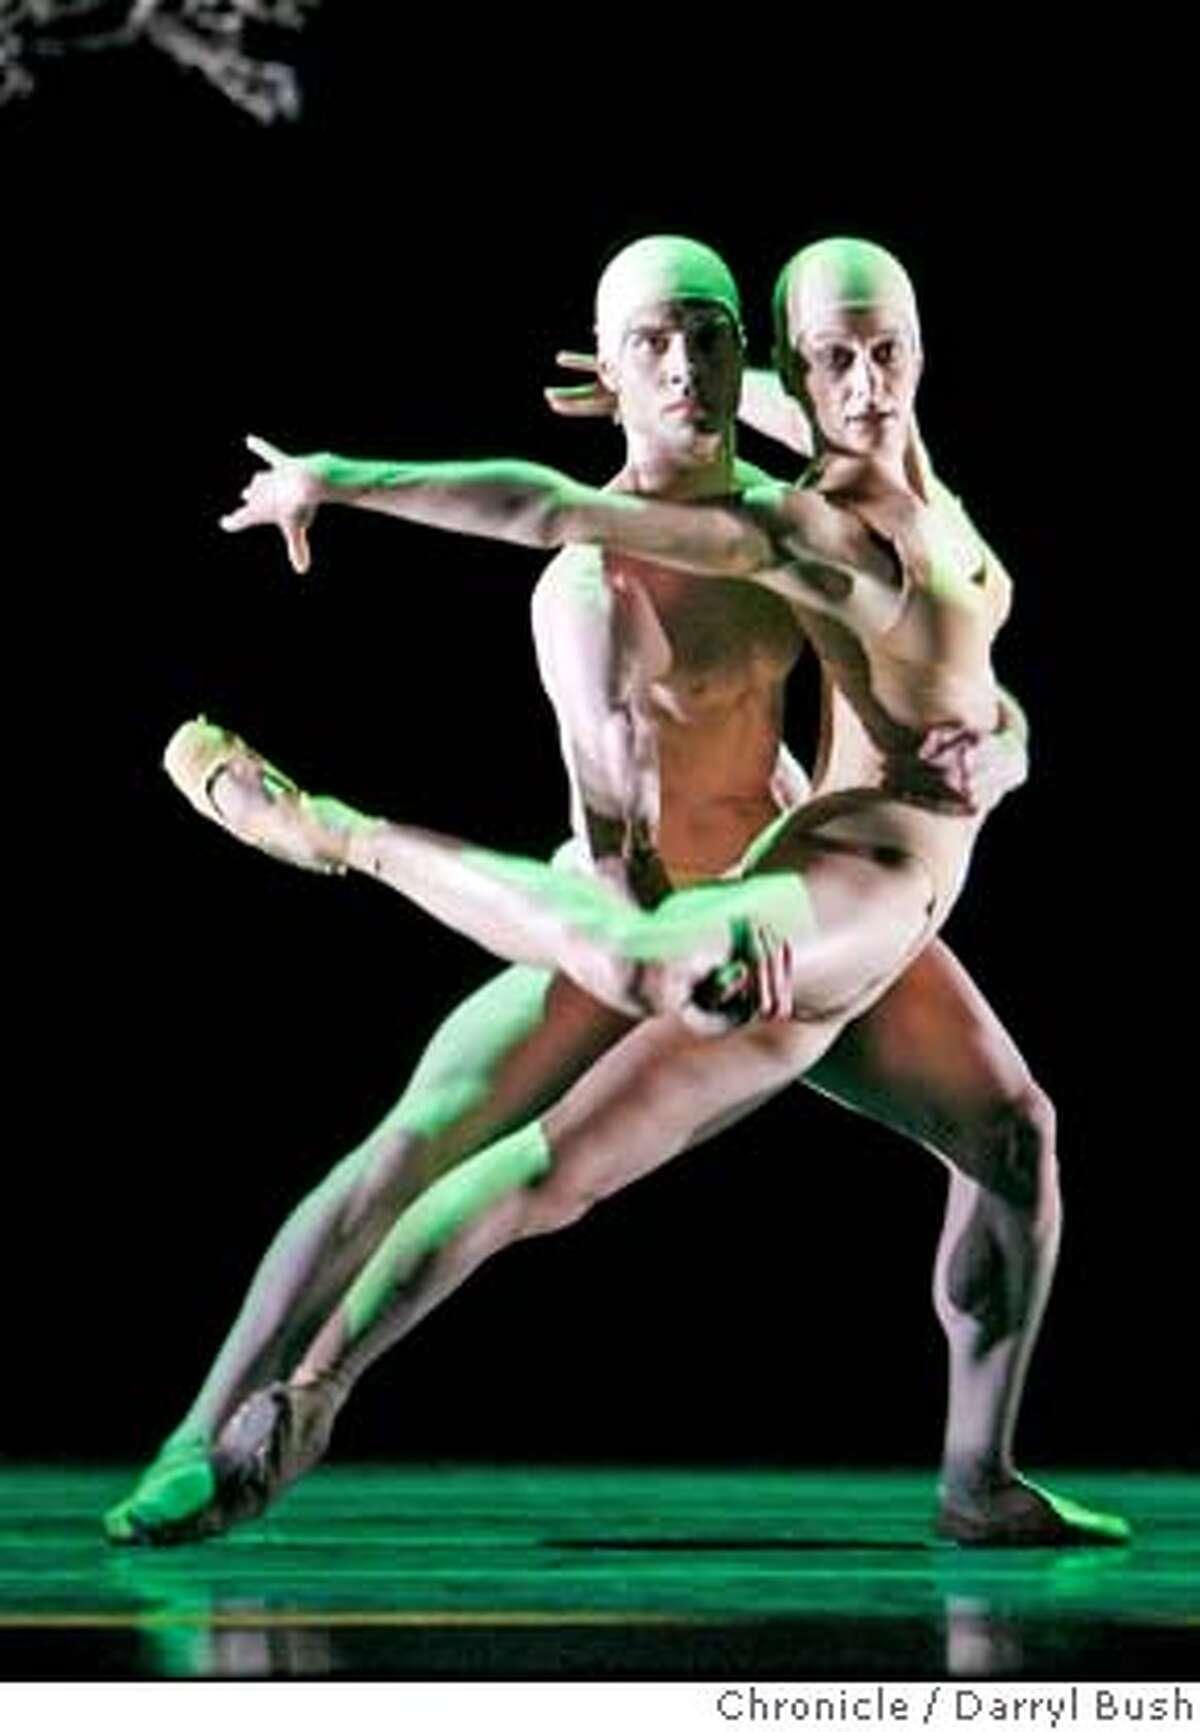 sfballet_0001_db.JPG Gonzalo Garcia and Muriel Maffre dance in